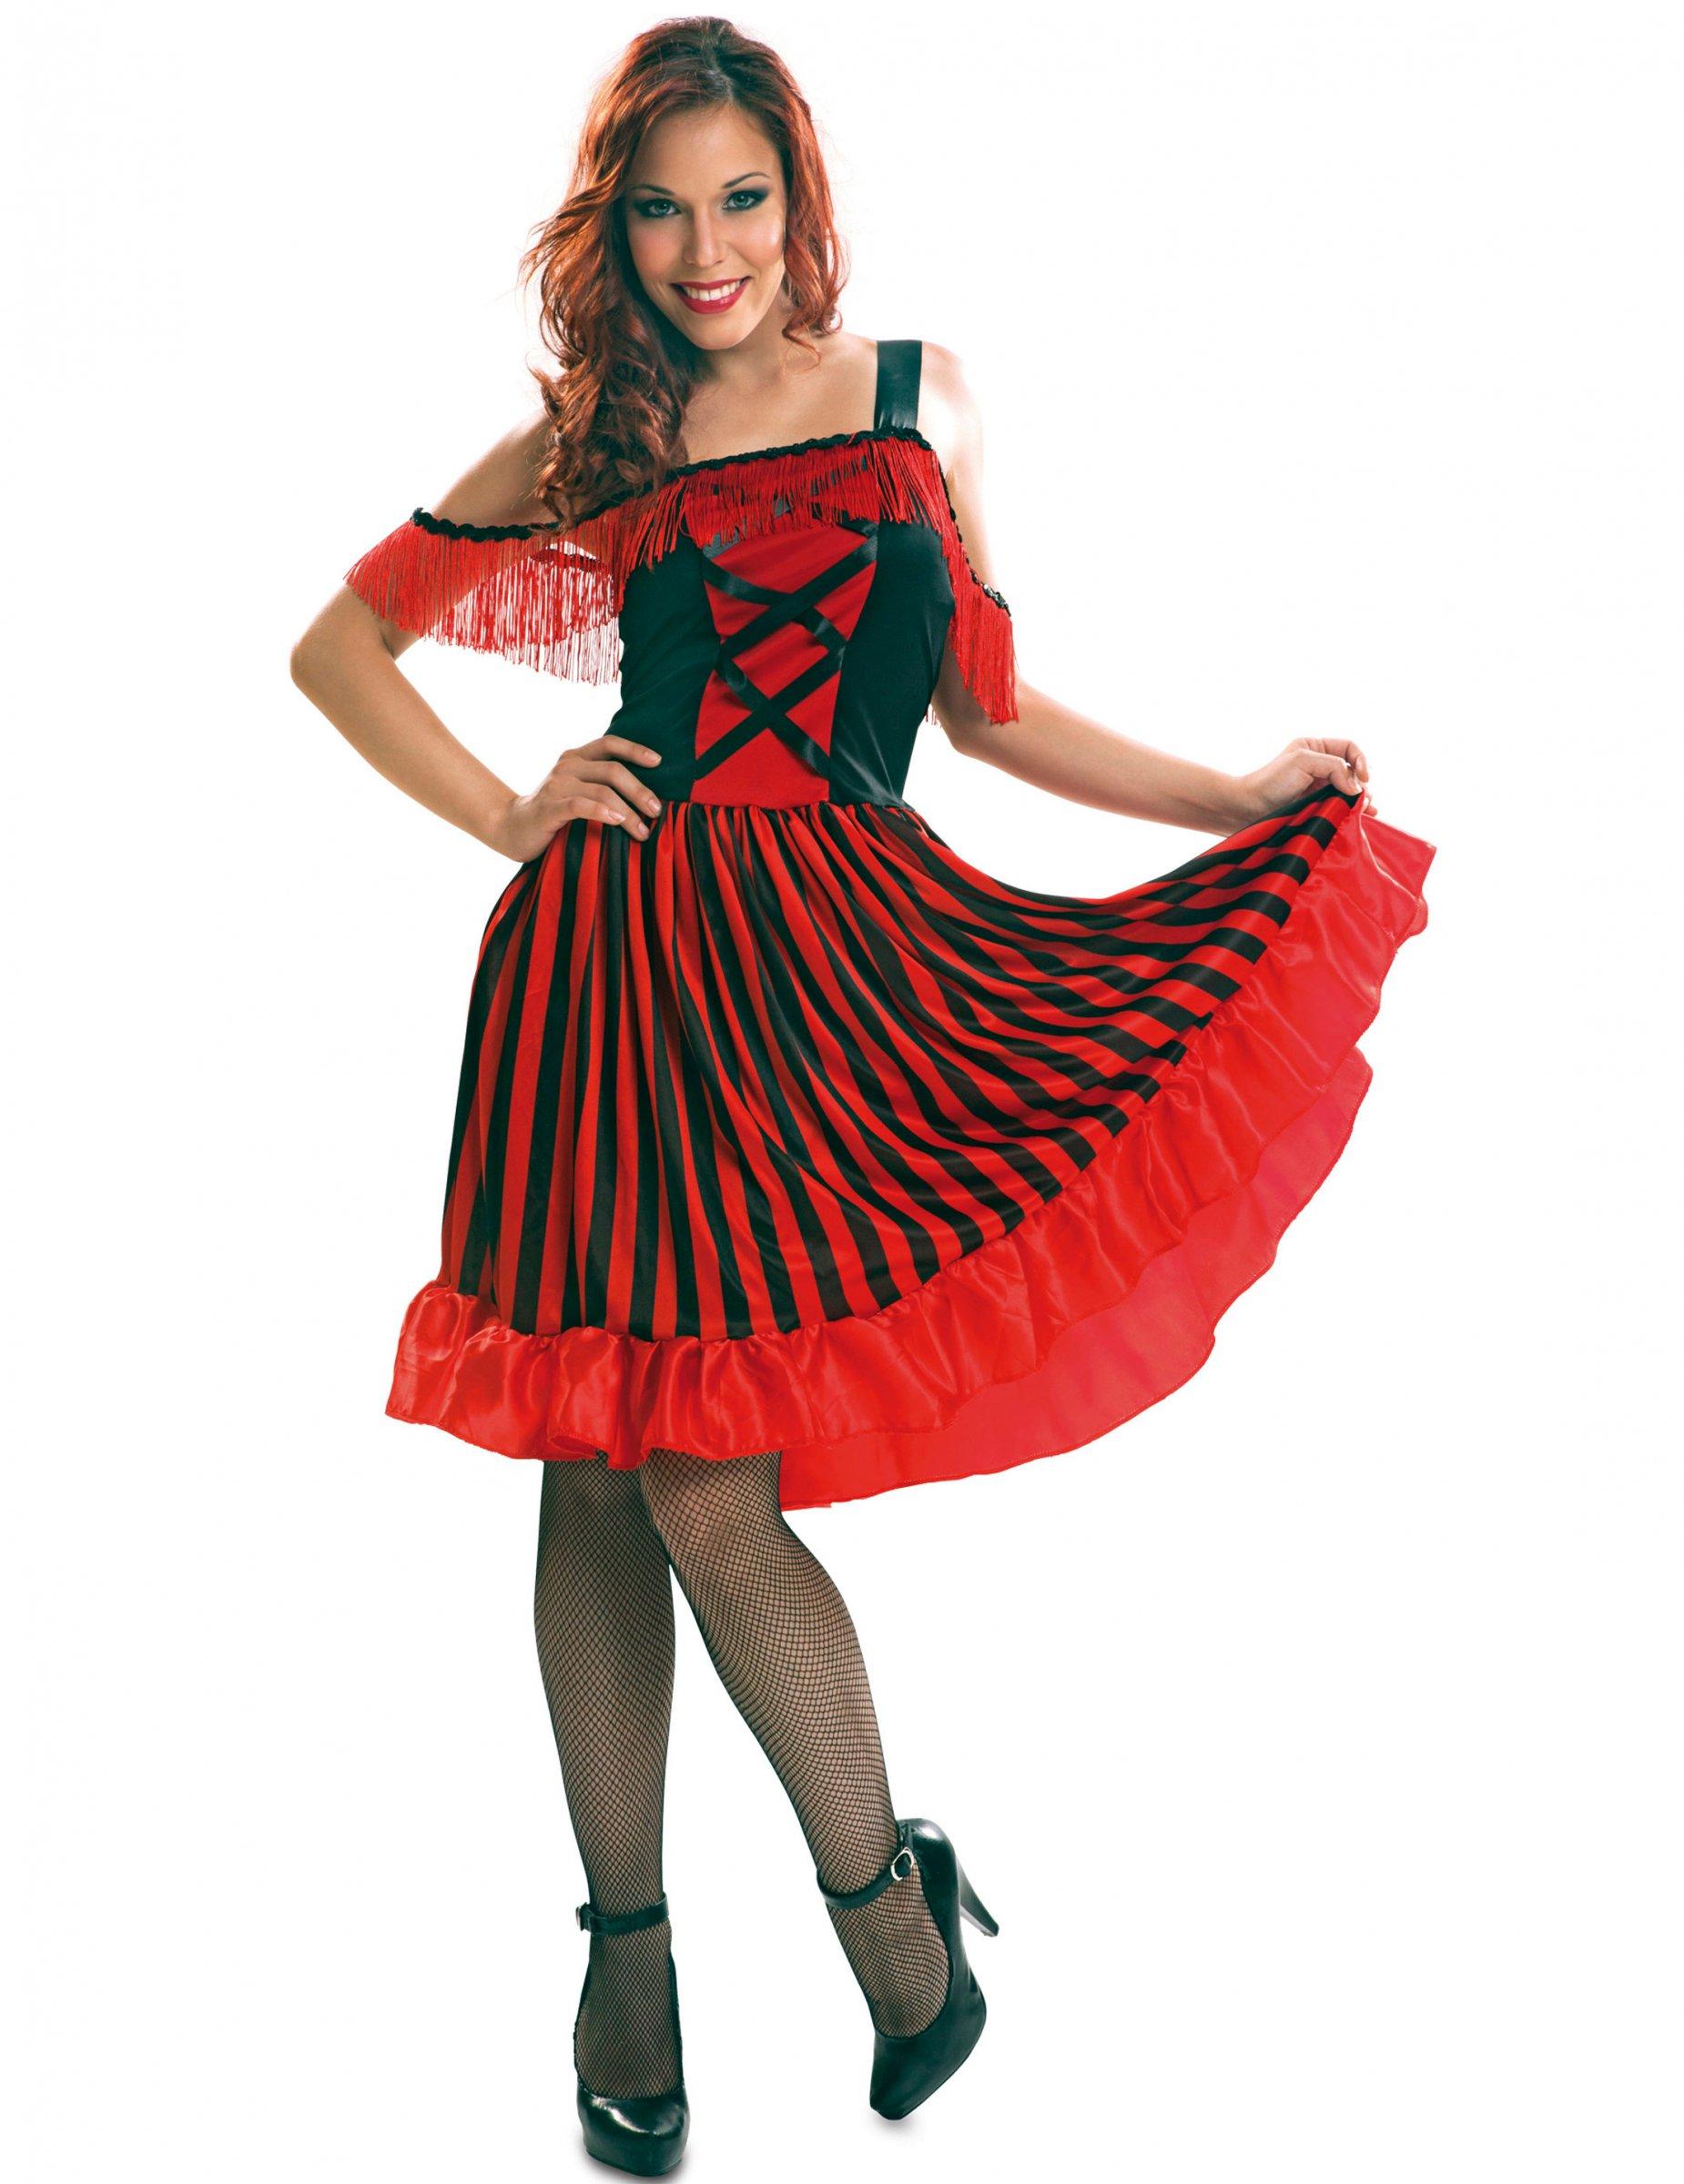 0fdc6e28369f0 Costume da ballerina spagnola per donna  Costumi adulti